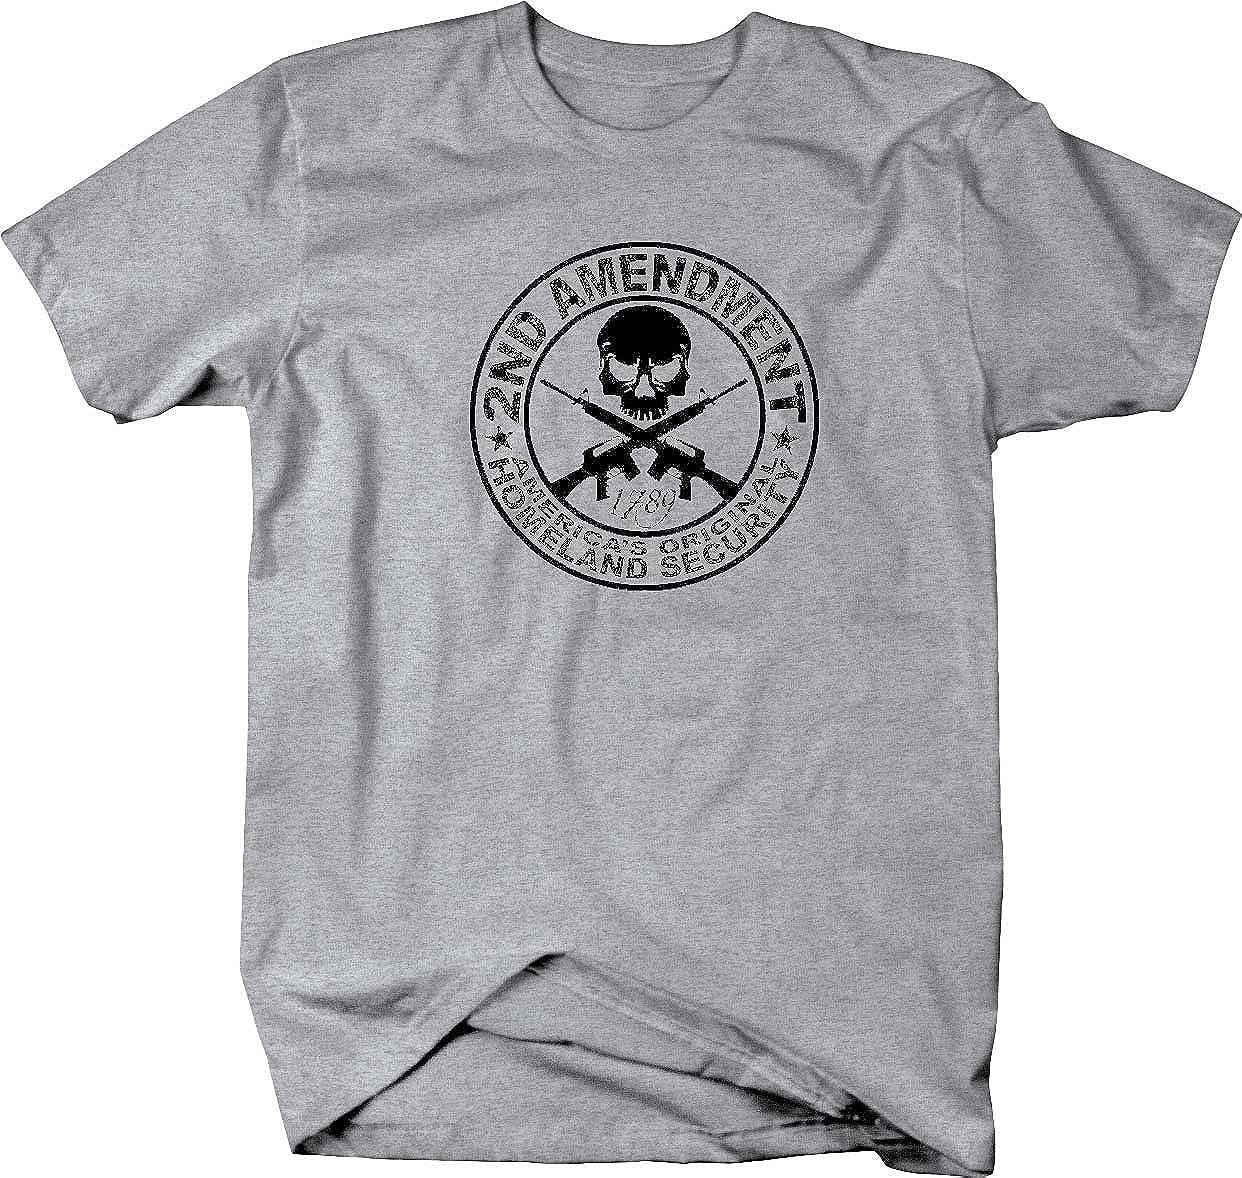 2nd Amendment America's Original Homeland Security Mens T Shirt